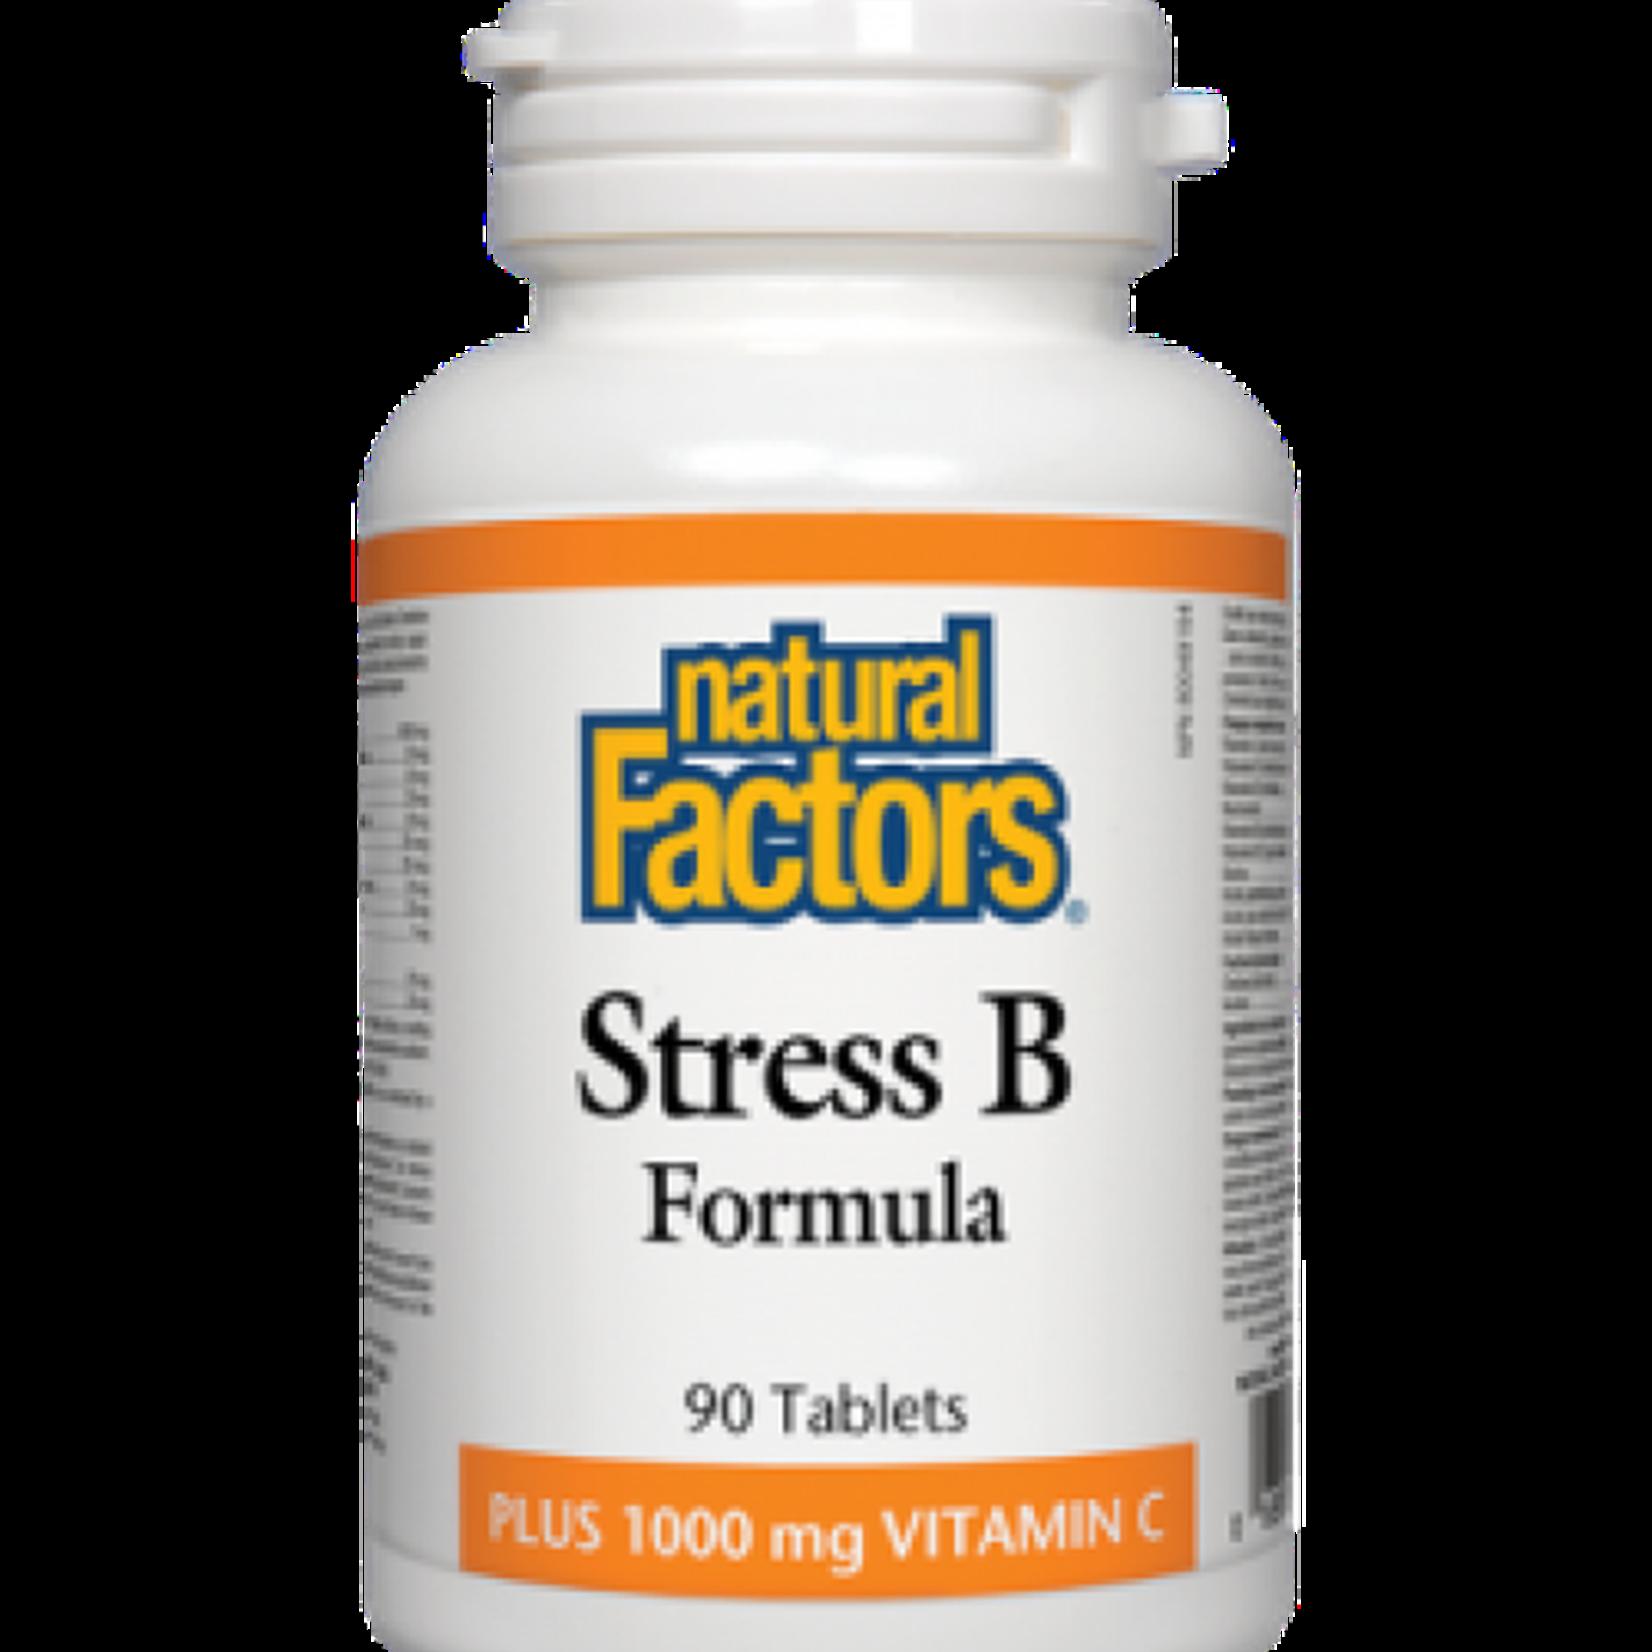 Natural Factors Natural Factors Stress B Formula 90 tabs